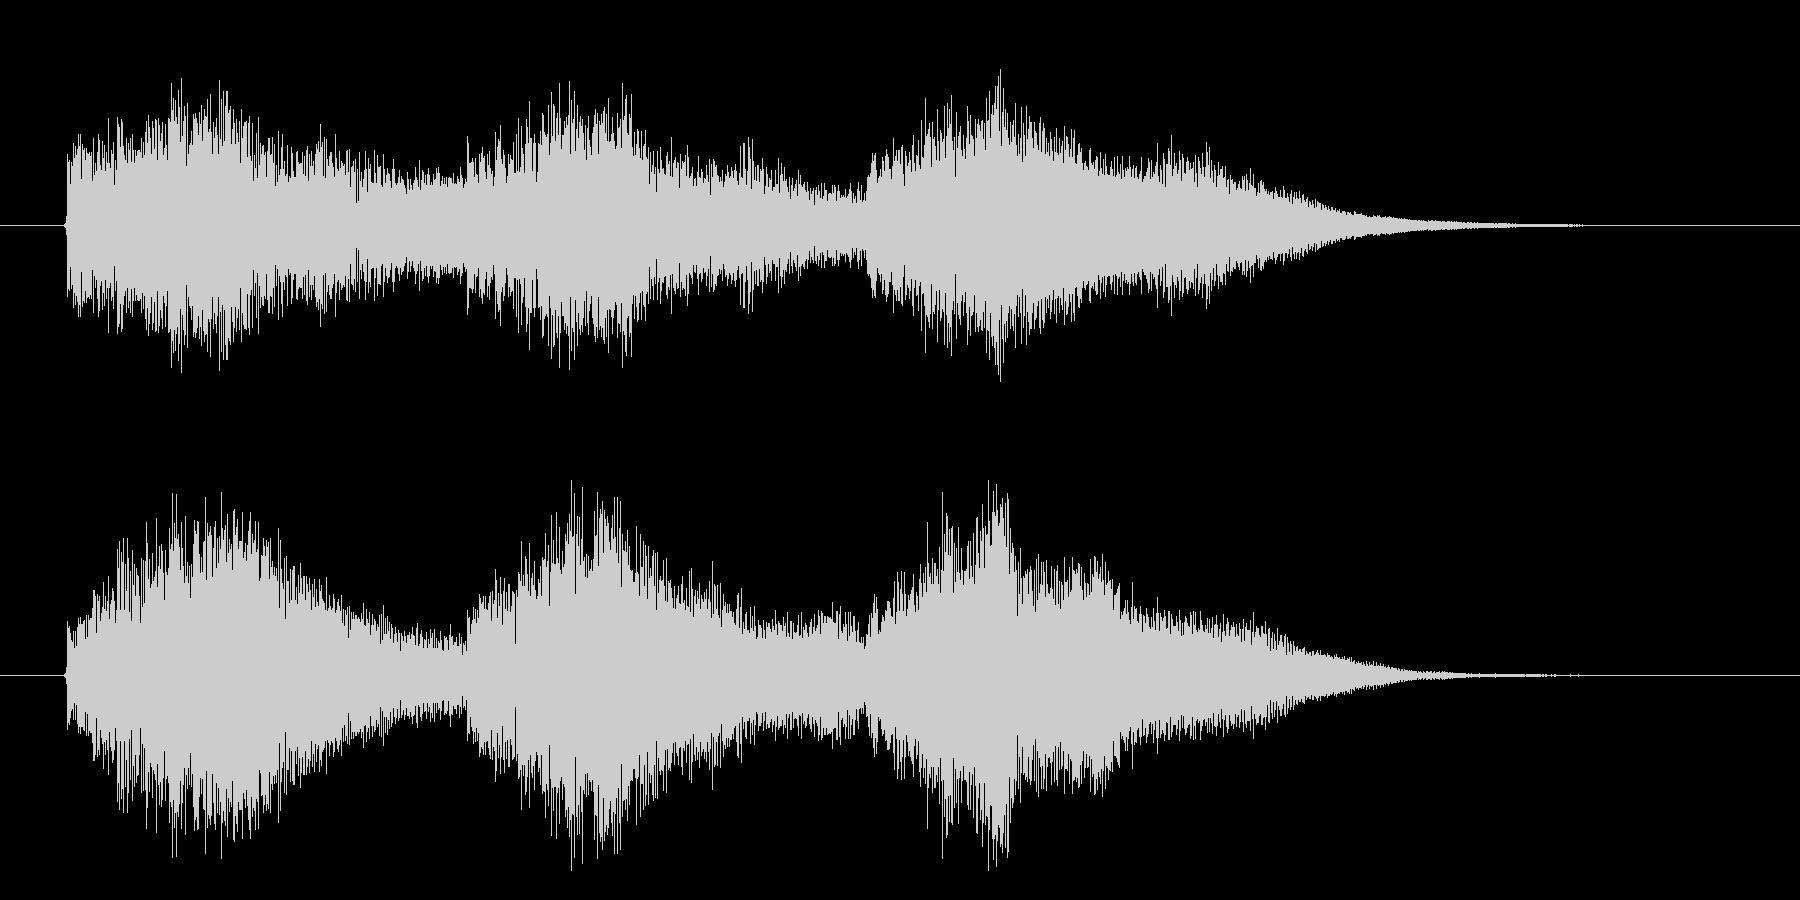 タラララララン(スローモーション、鍵盤)の未再生の波形